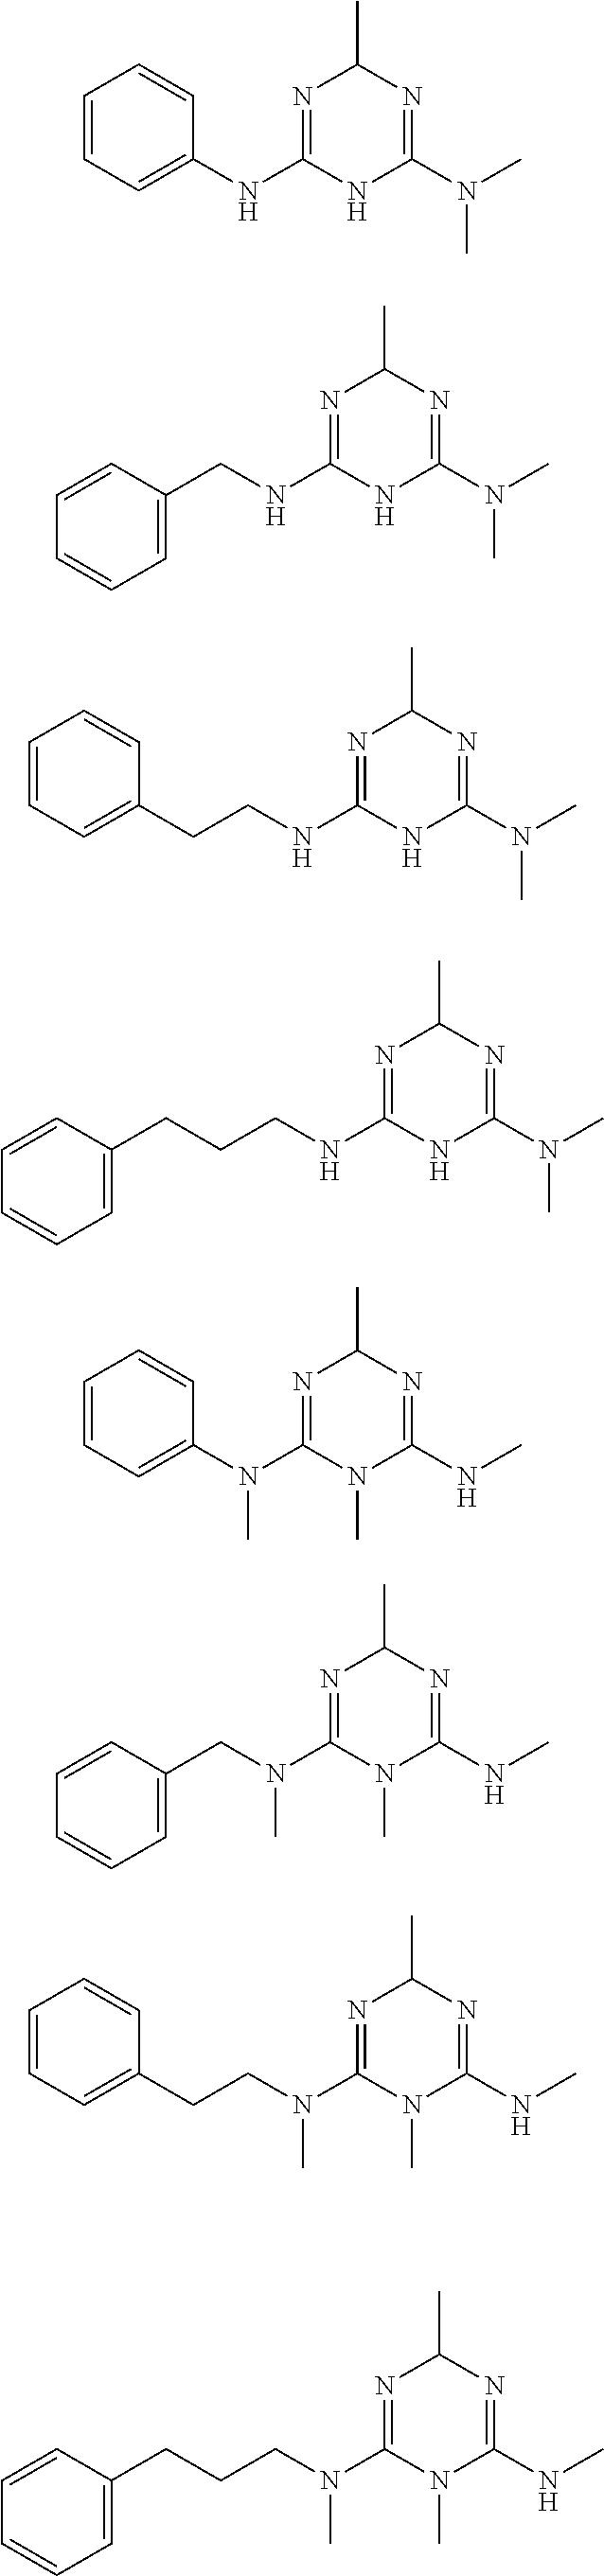 Figure US09480663-20161101-C00173